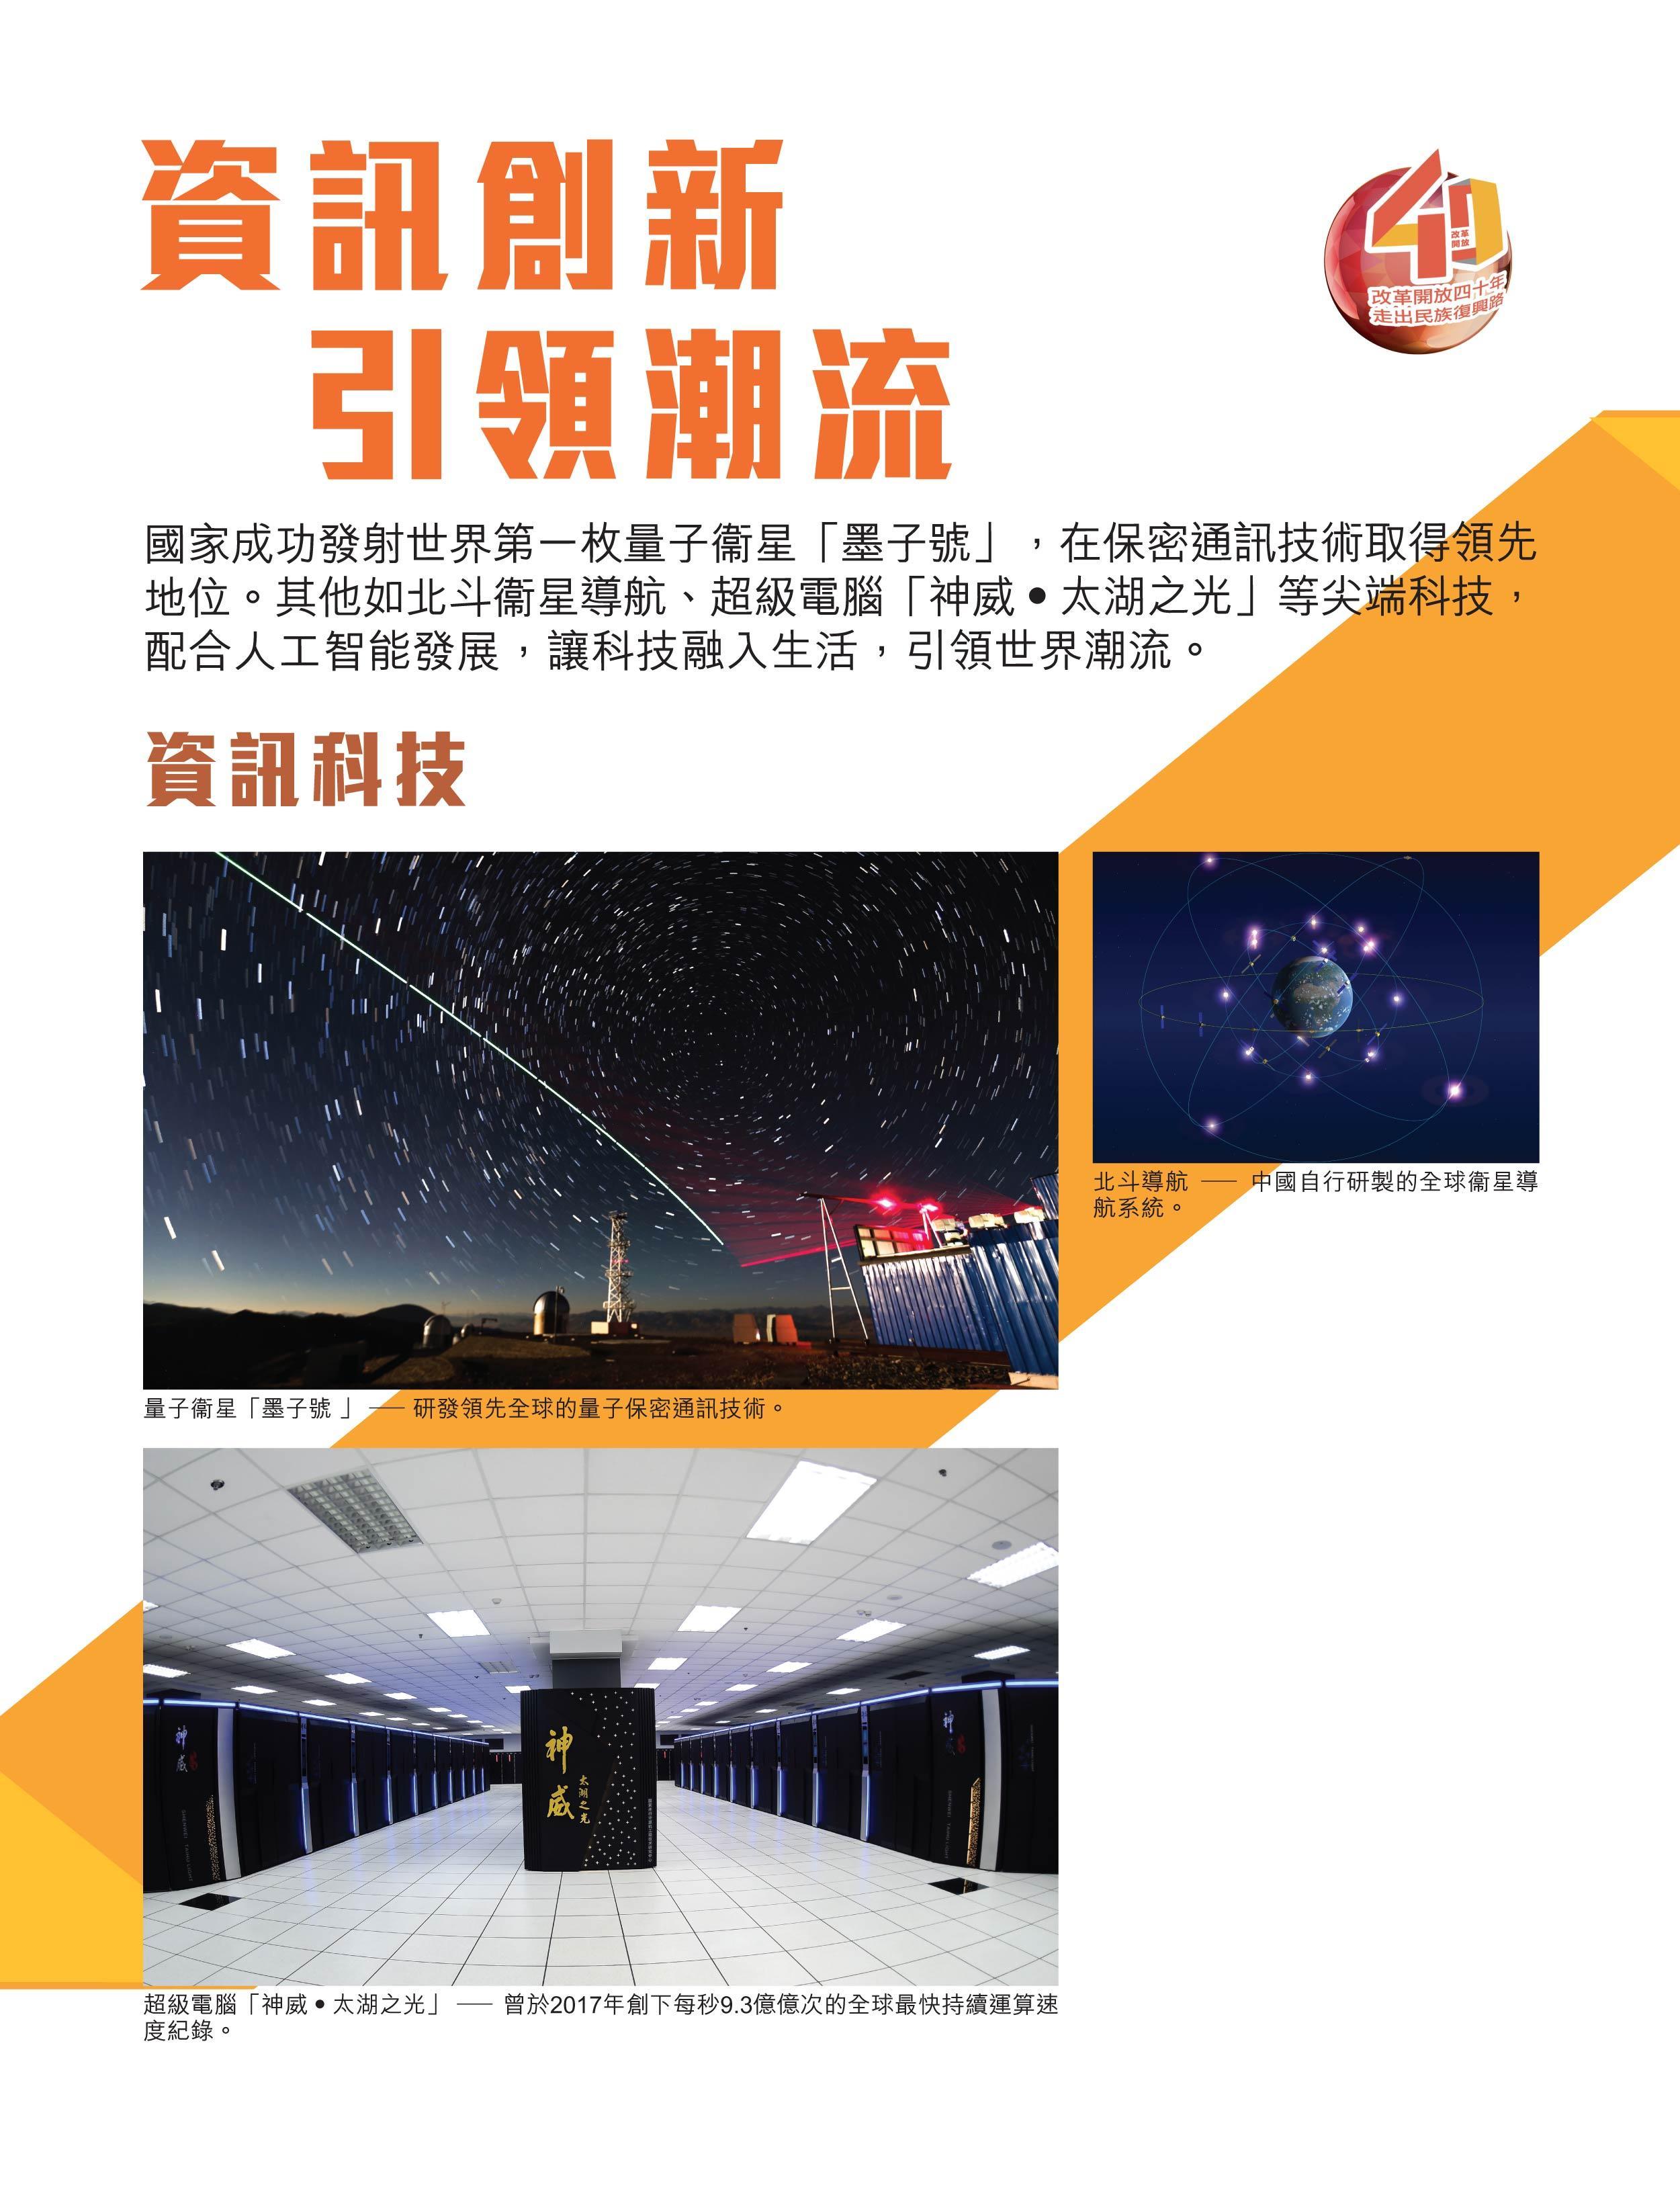 innotech_40anni_hk-cn-layout_zhanbaner_aw_oct30_websize_zixunchuangxin